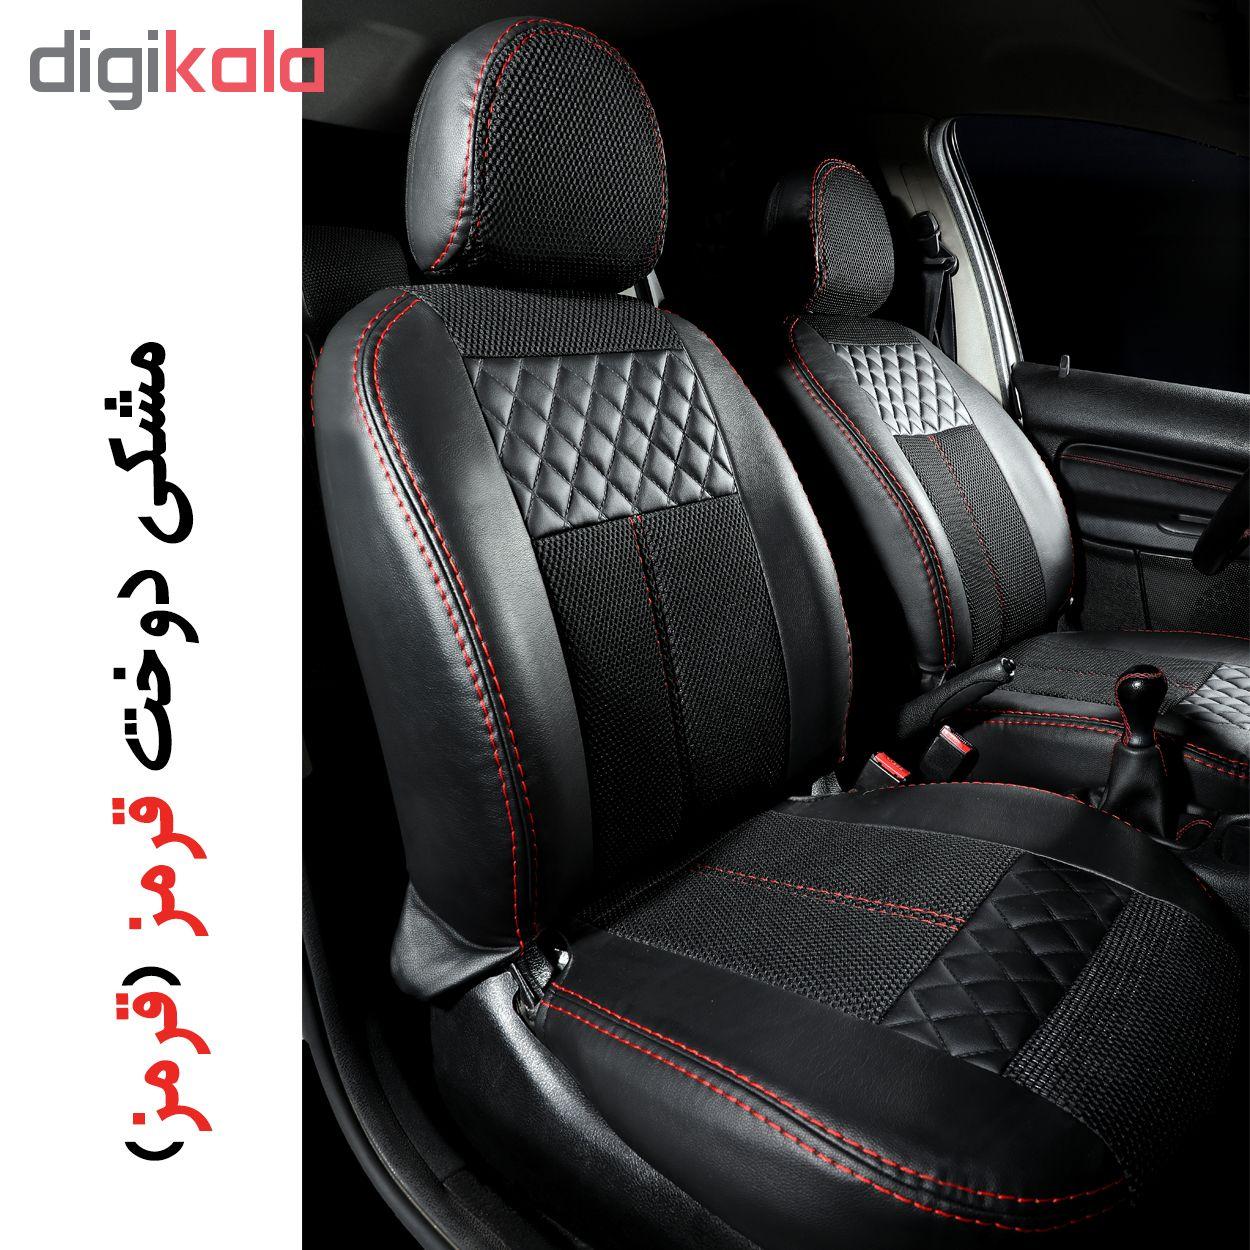 روکش صندلی خودرو جلوه مدل chp13 مناسب برای پژو 206